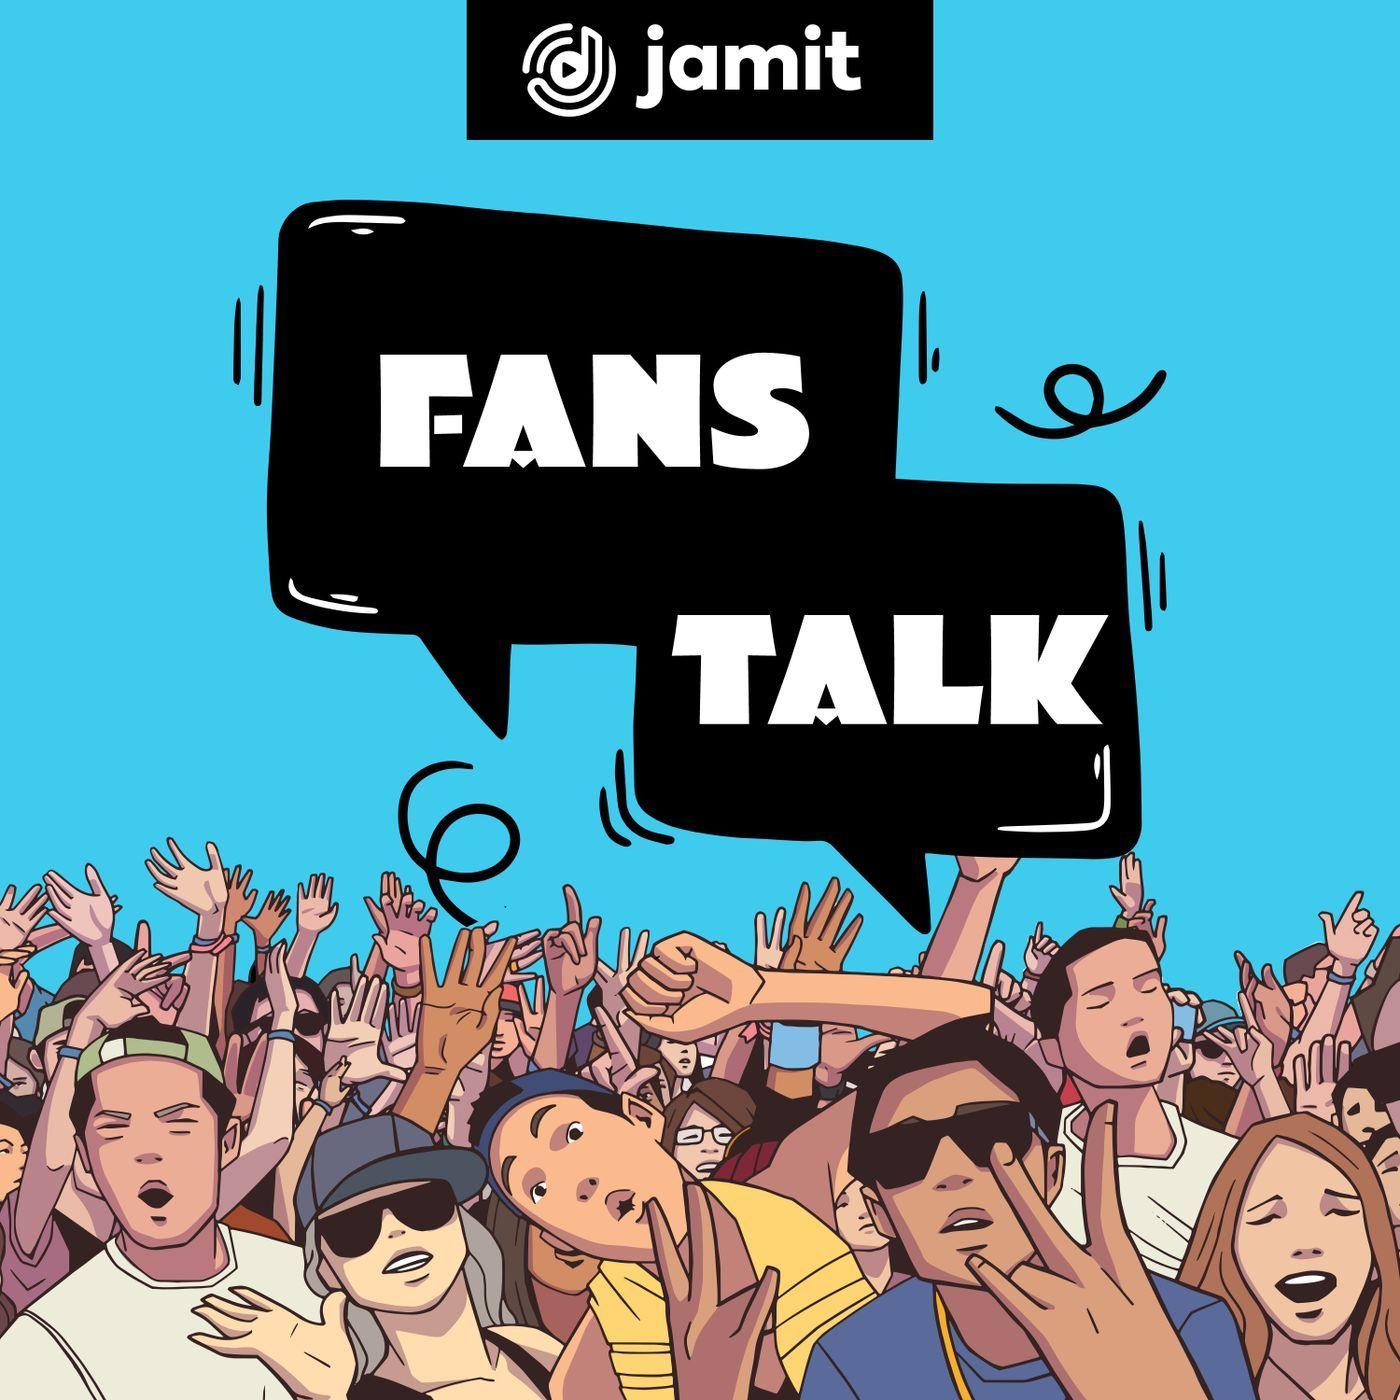 Fans Talk on Jamit